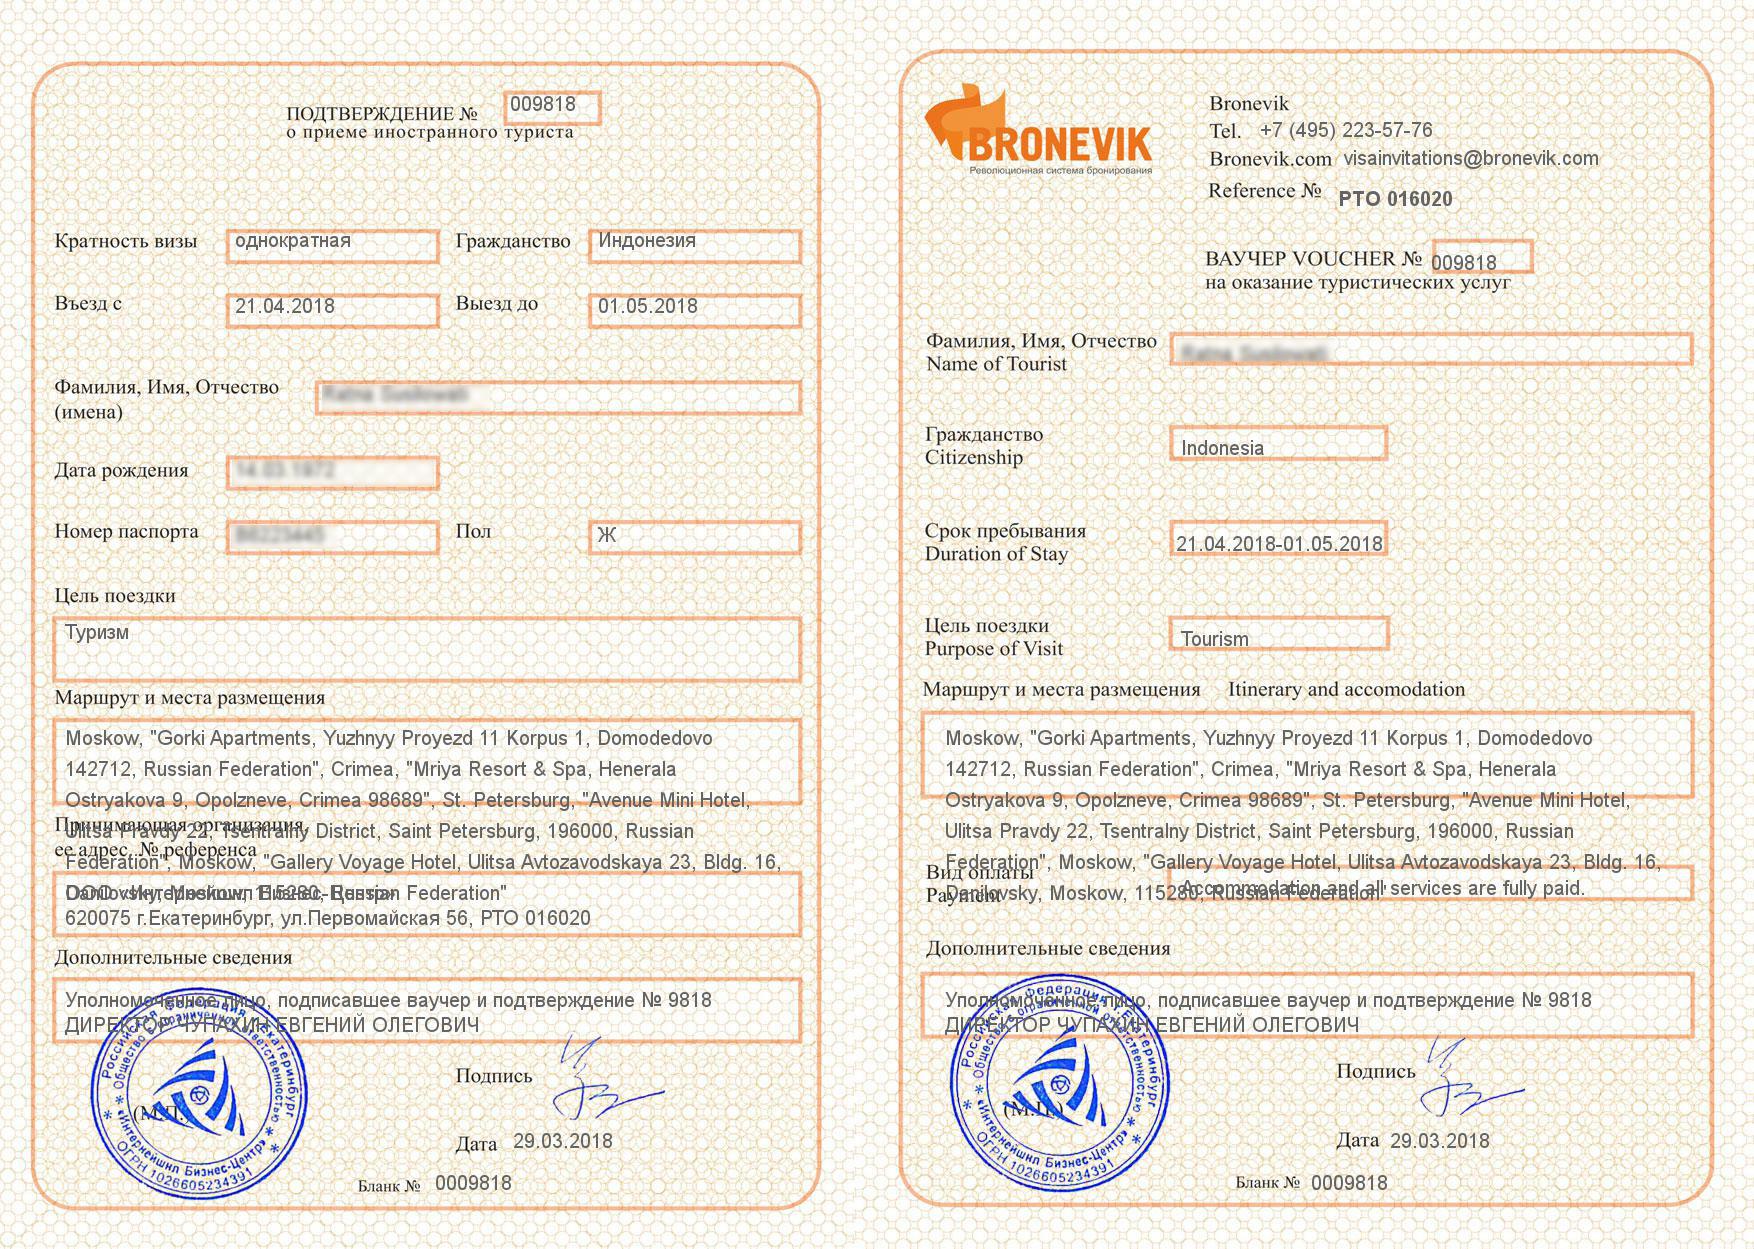 Voucher yang dikeluarkan Bronevik. Voucher seperti inilah yang perlu Anda lampirkan bersama dokumen-dokumen pendukung aplikasi visa lainnya.